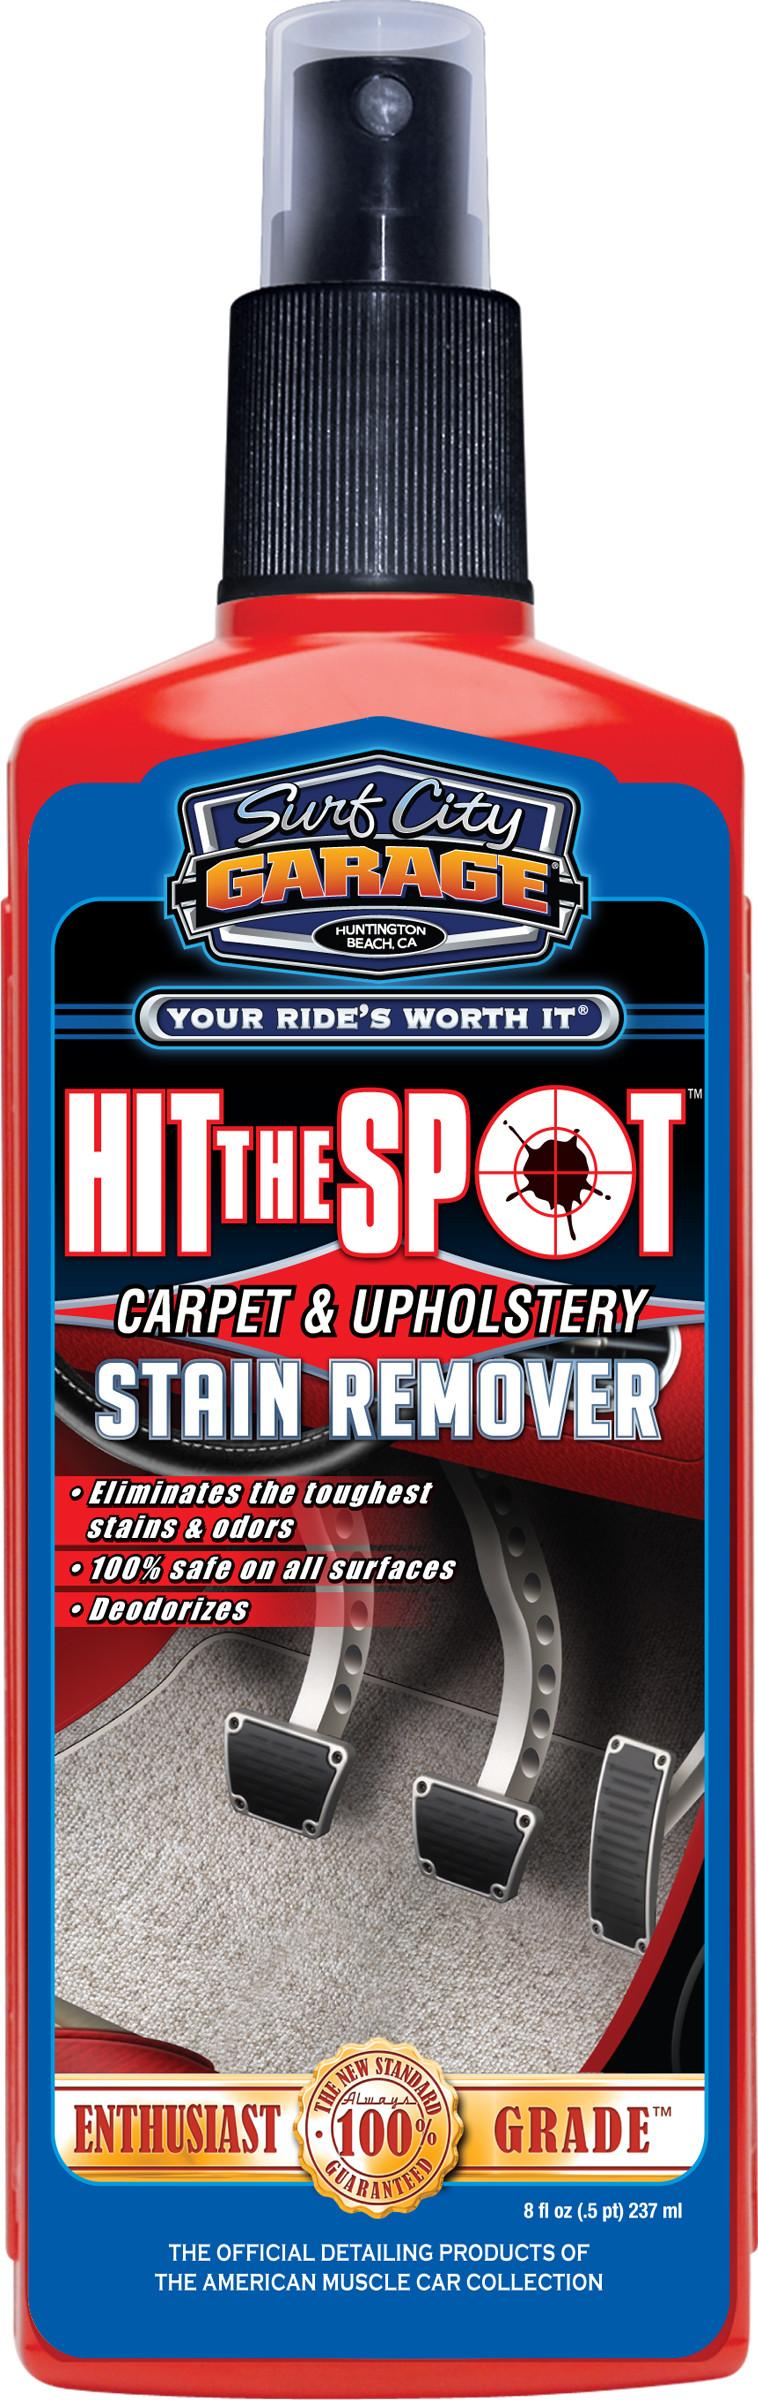 Surf City Garage Interior Trim Care